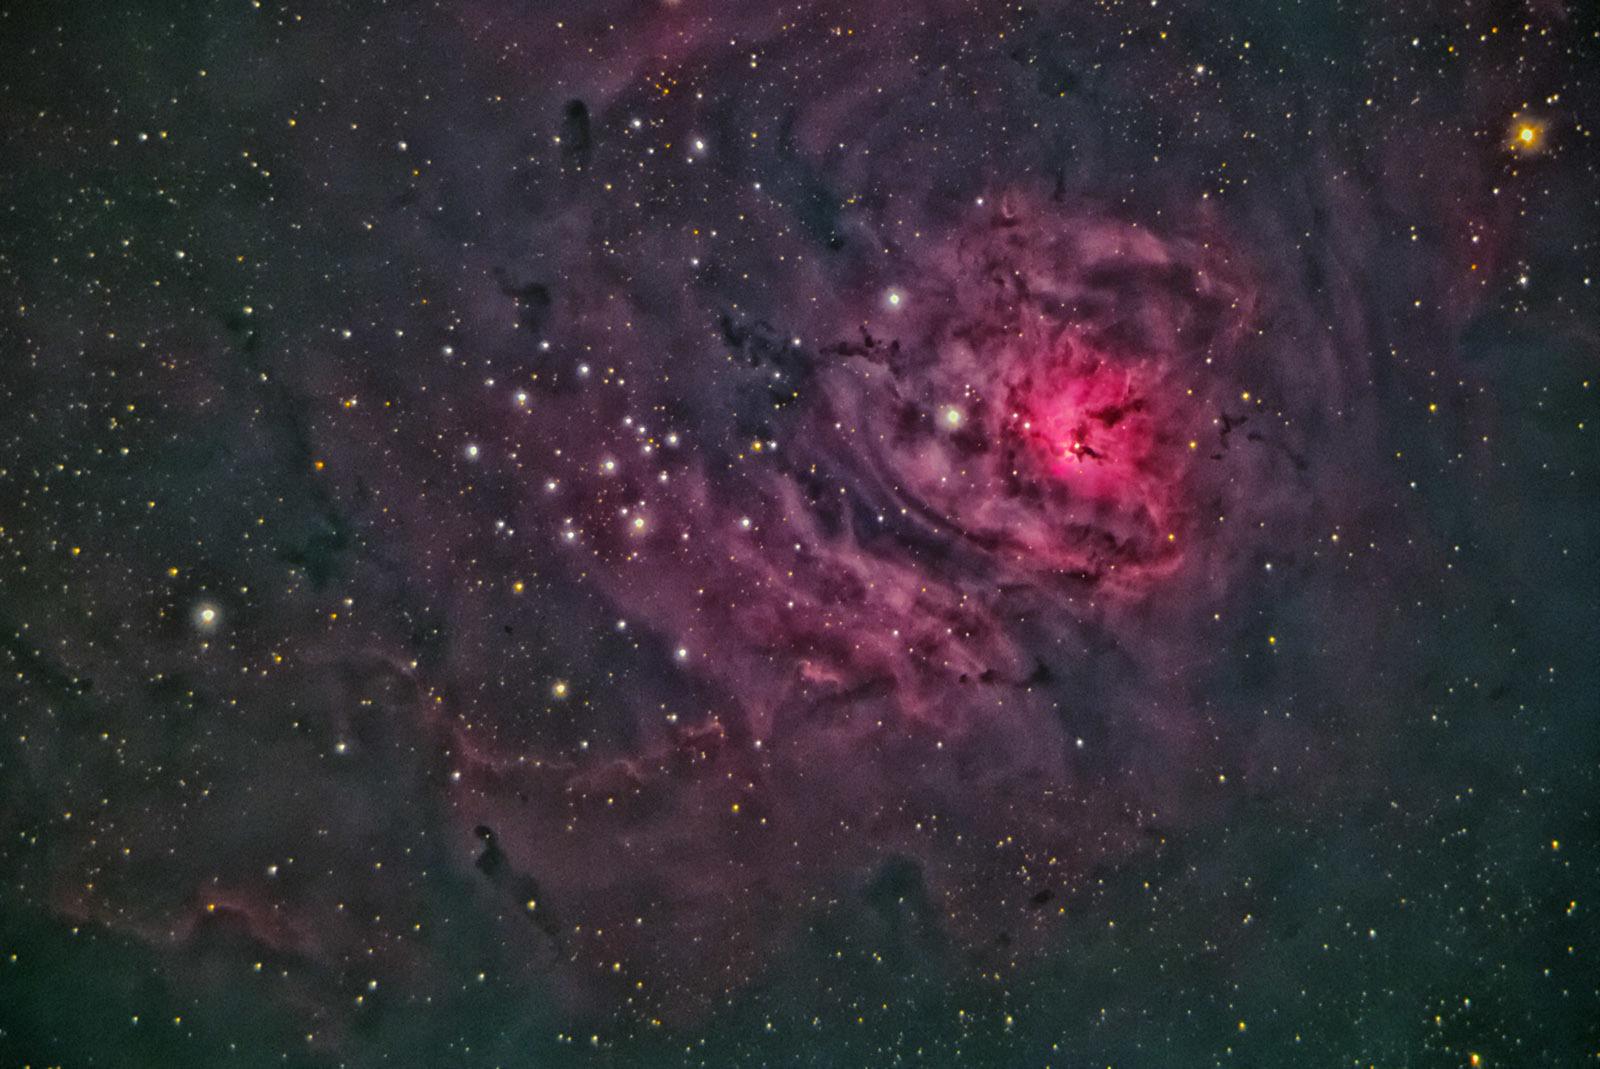 久しぶりの天体写真 C11にビクセンコマコレクターのくみあわせ_e0174091_18253804.jpg